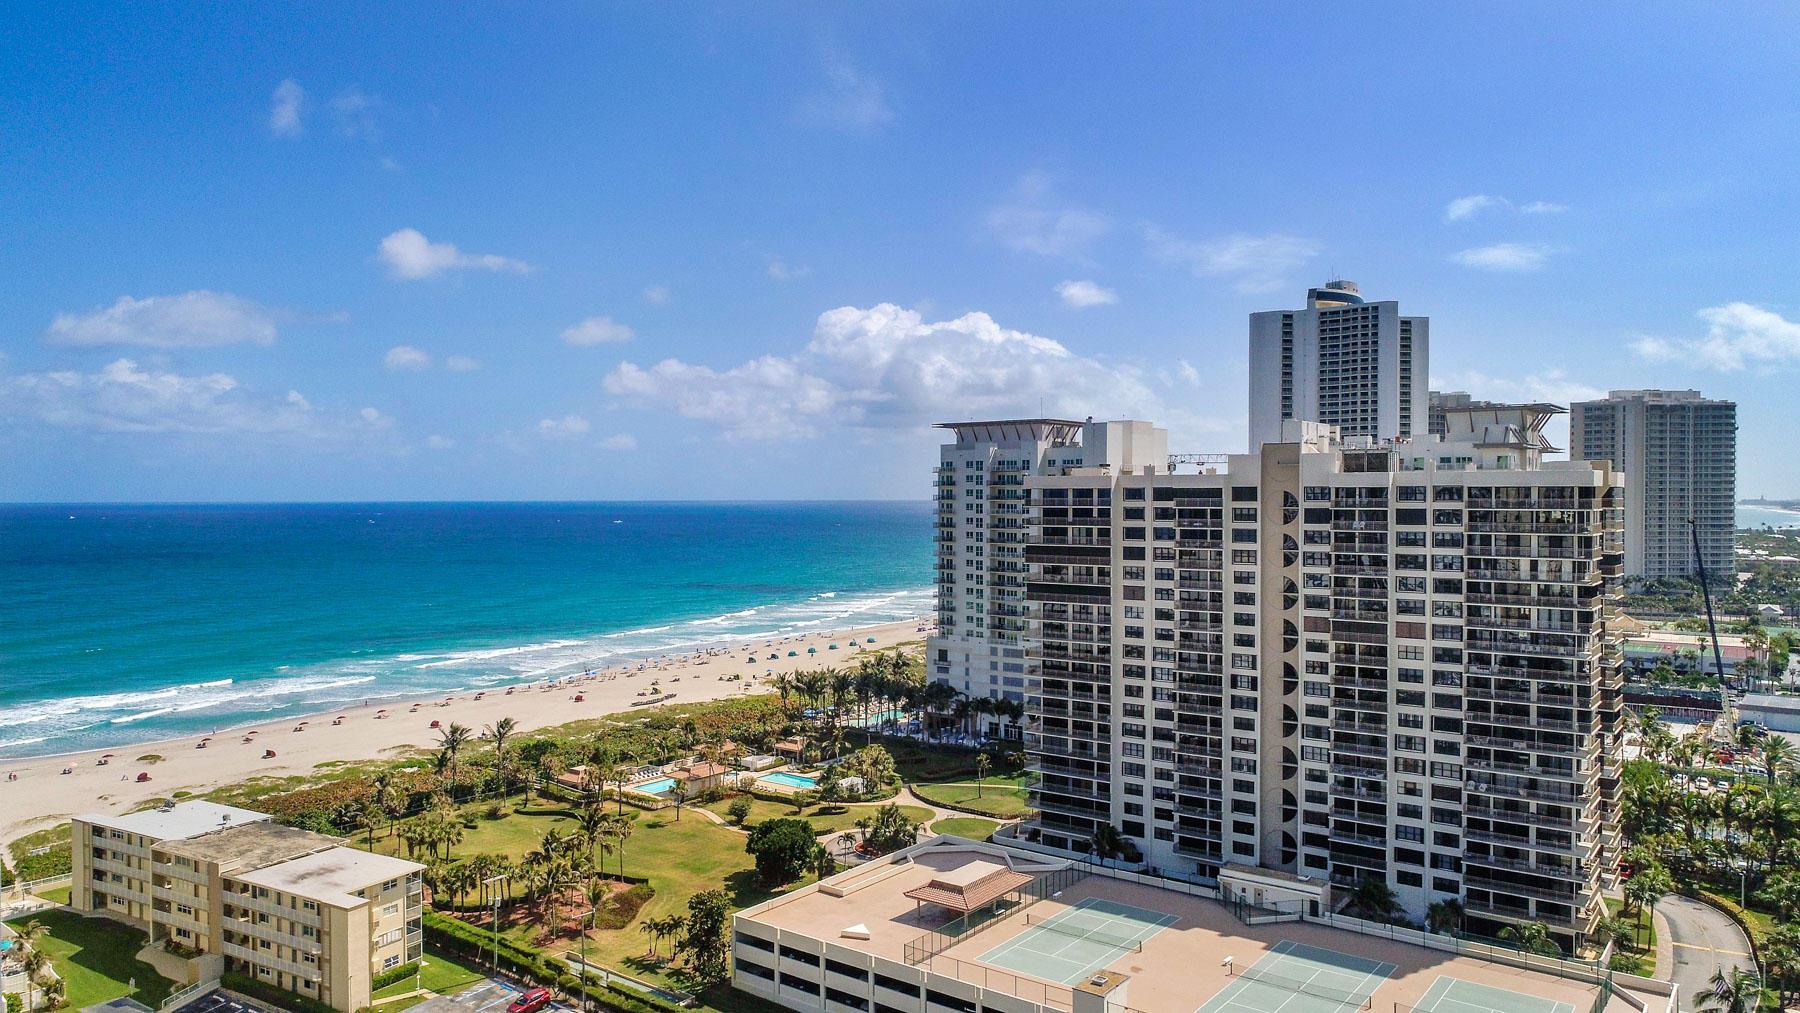 3400 N Ocean Drive, 405 - Riviera Beach, Florida